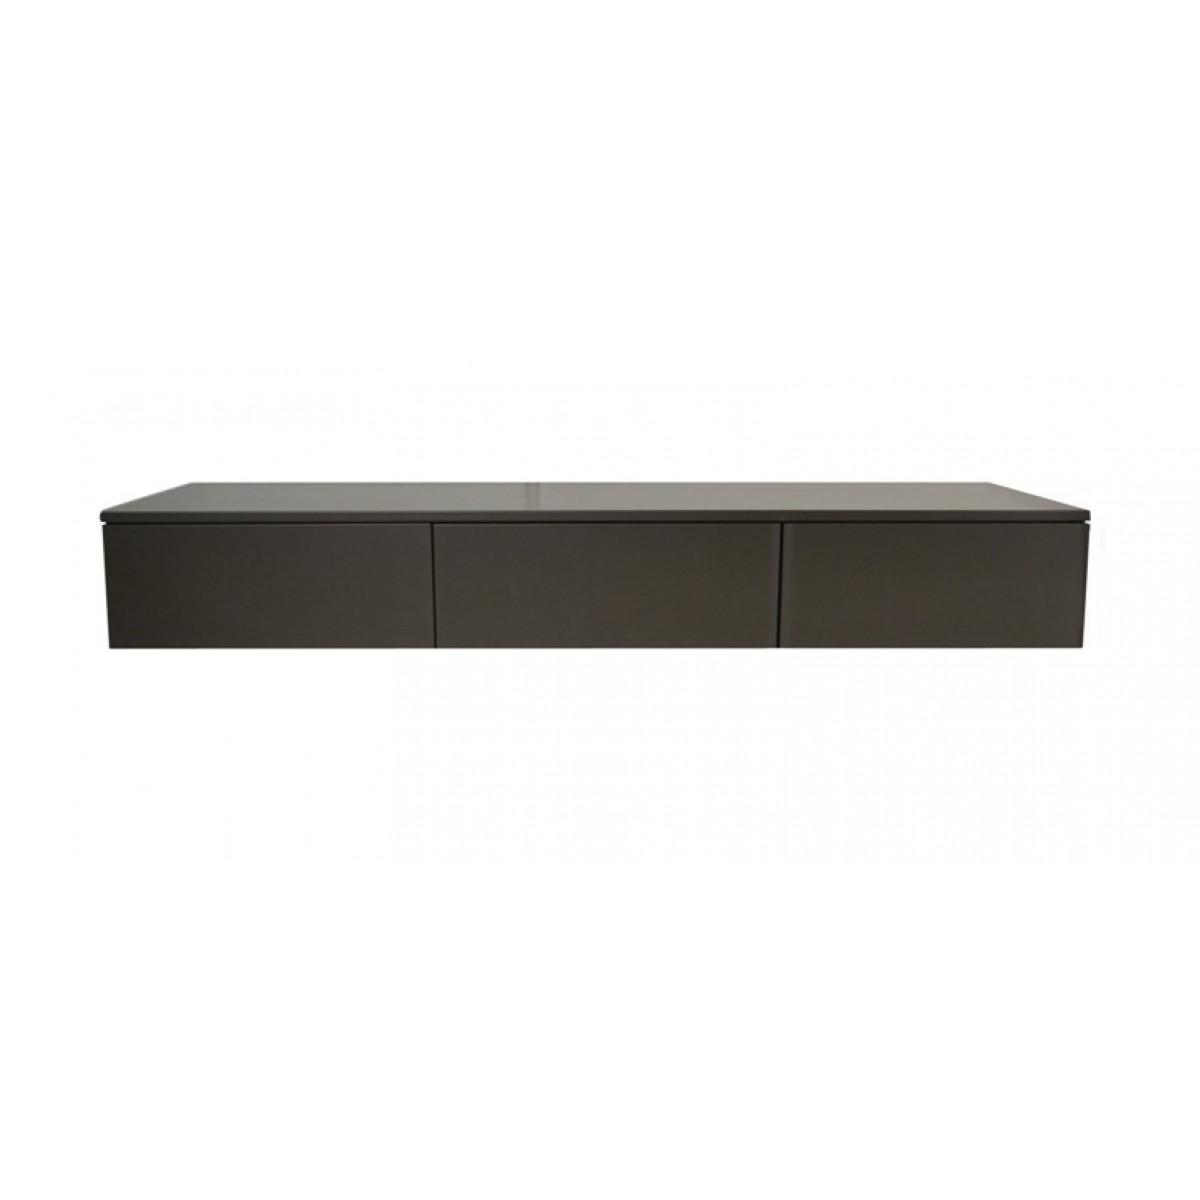 hangend-hang-tv-dressoir-meubel-kleur-basalt-laden-basalt